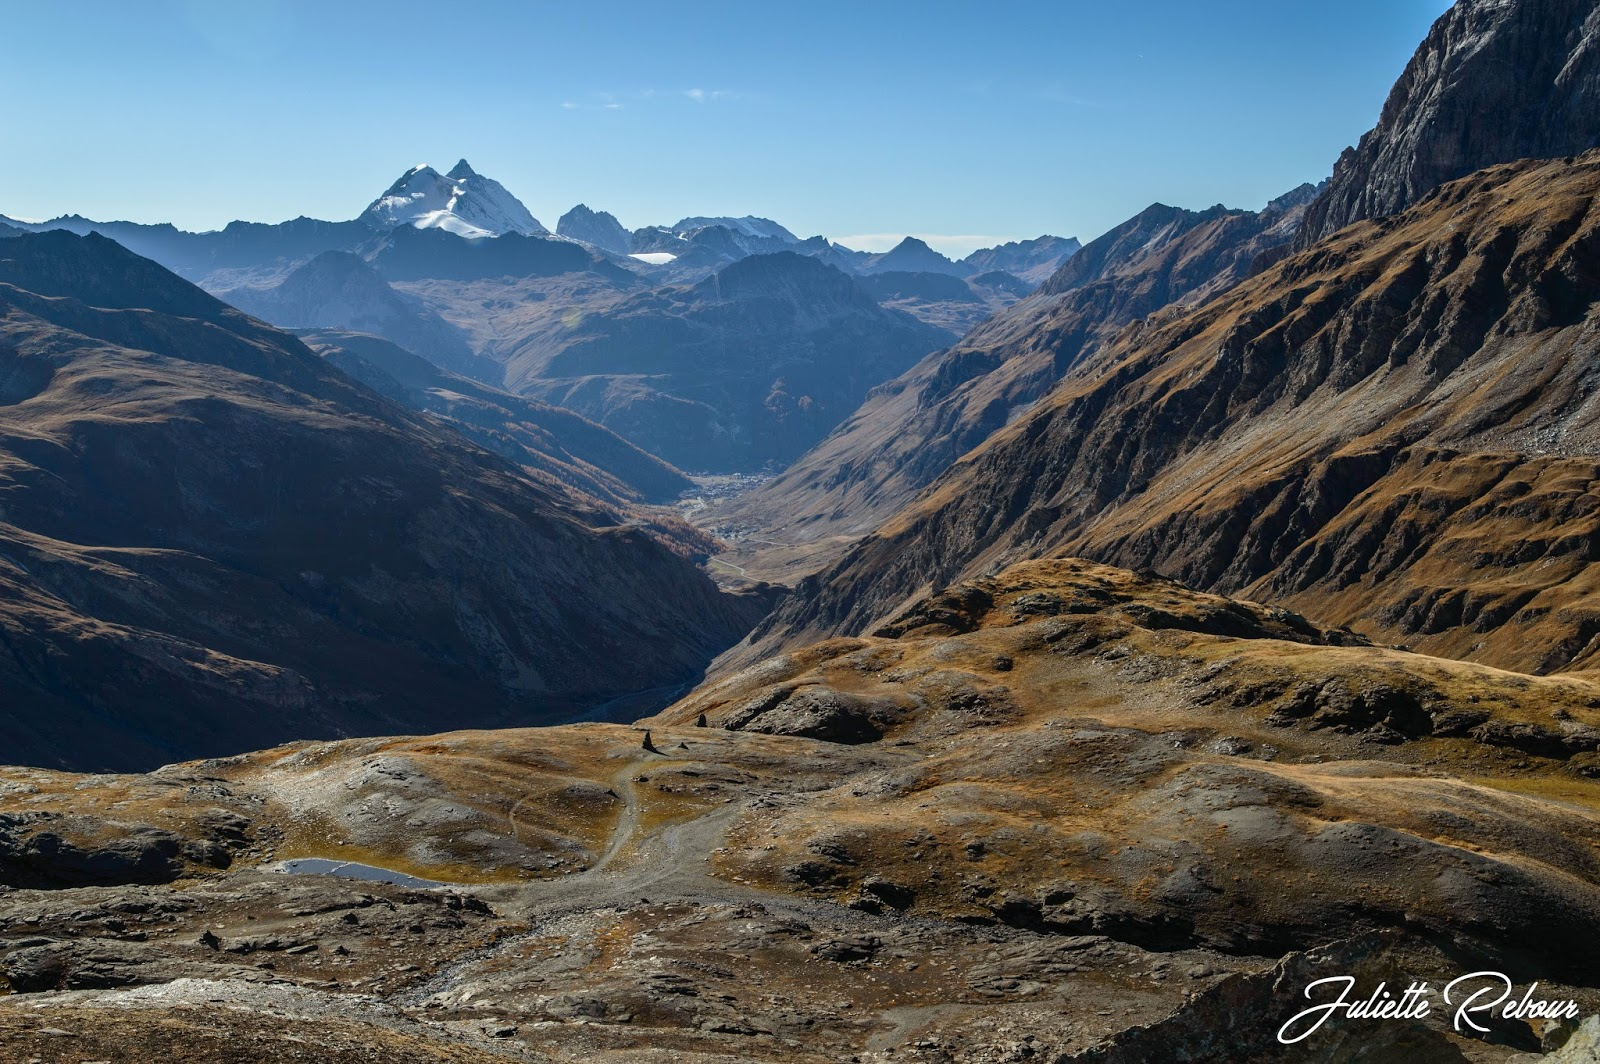 Randonnée à Val d'Isère dans le Parc National de la Vanoise